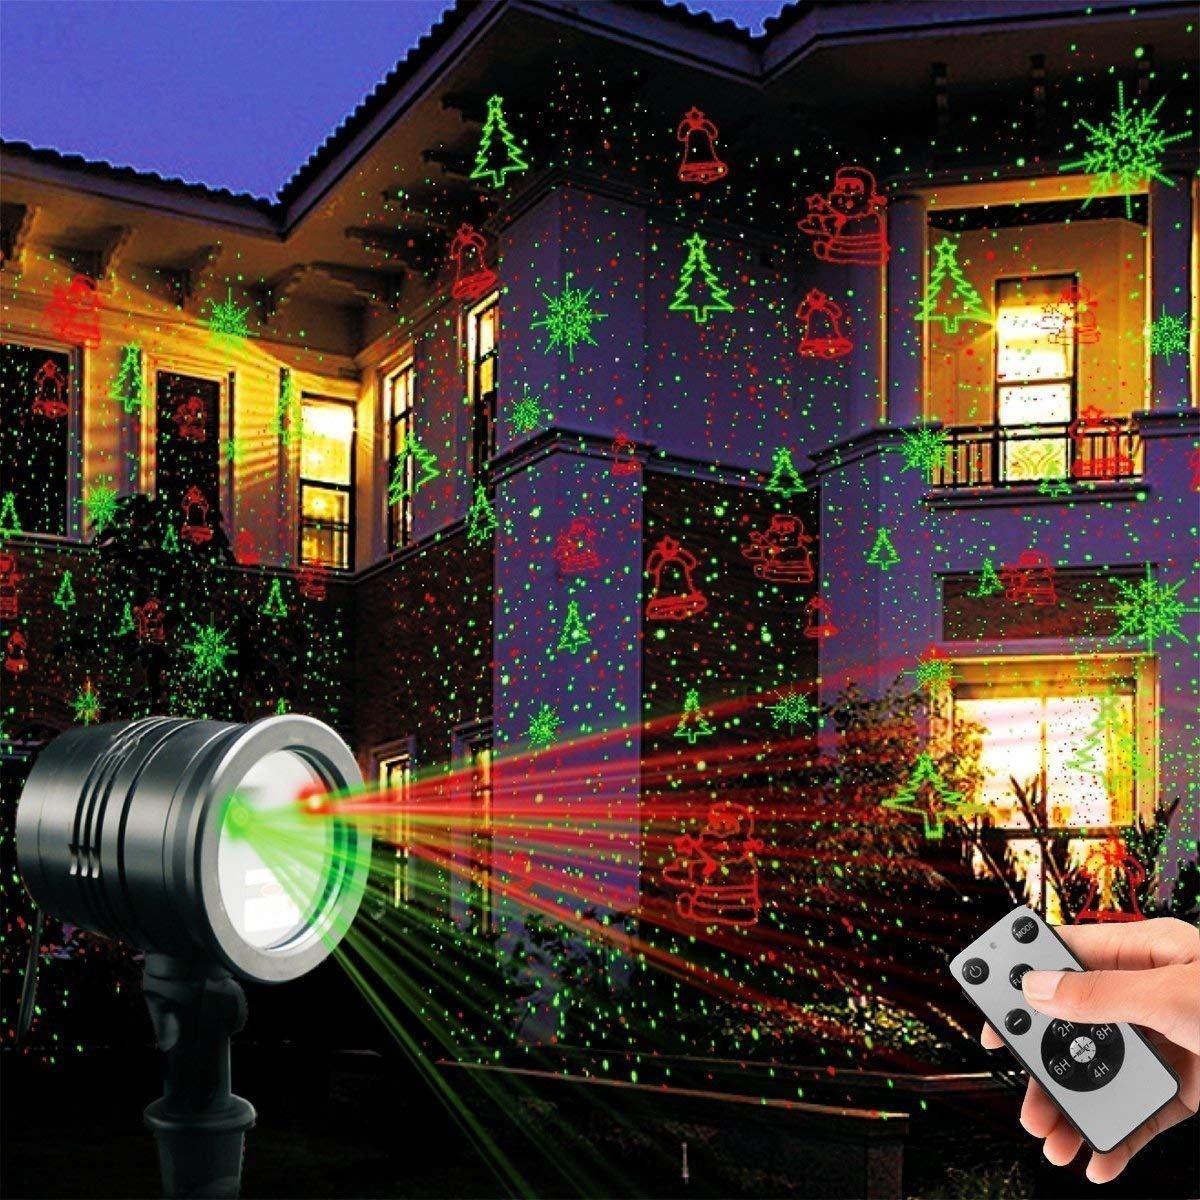 d09ccef32d0 proyector luz láser decoración navidad hogar exterior fiesta. Cargando zoom.